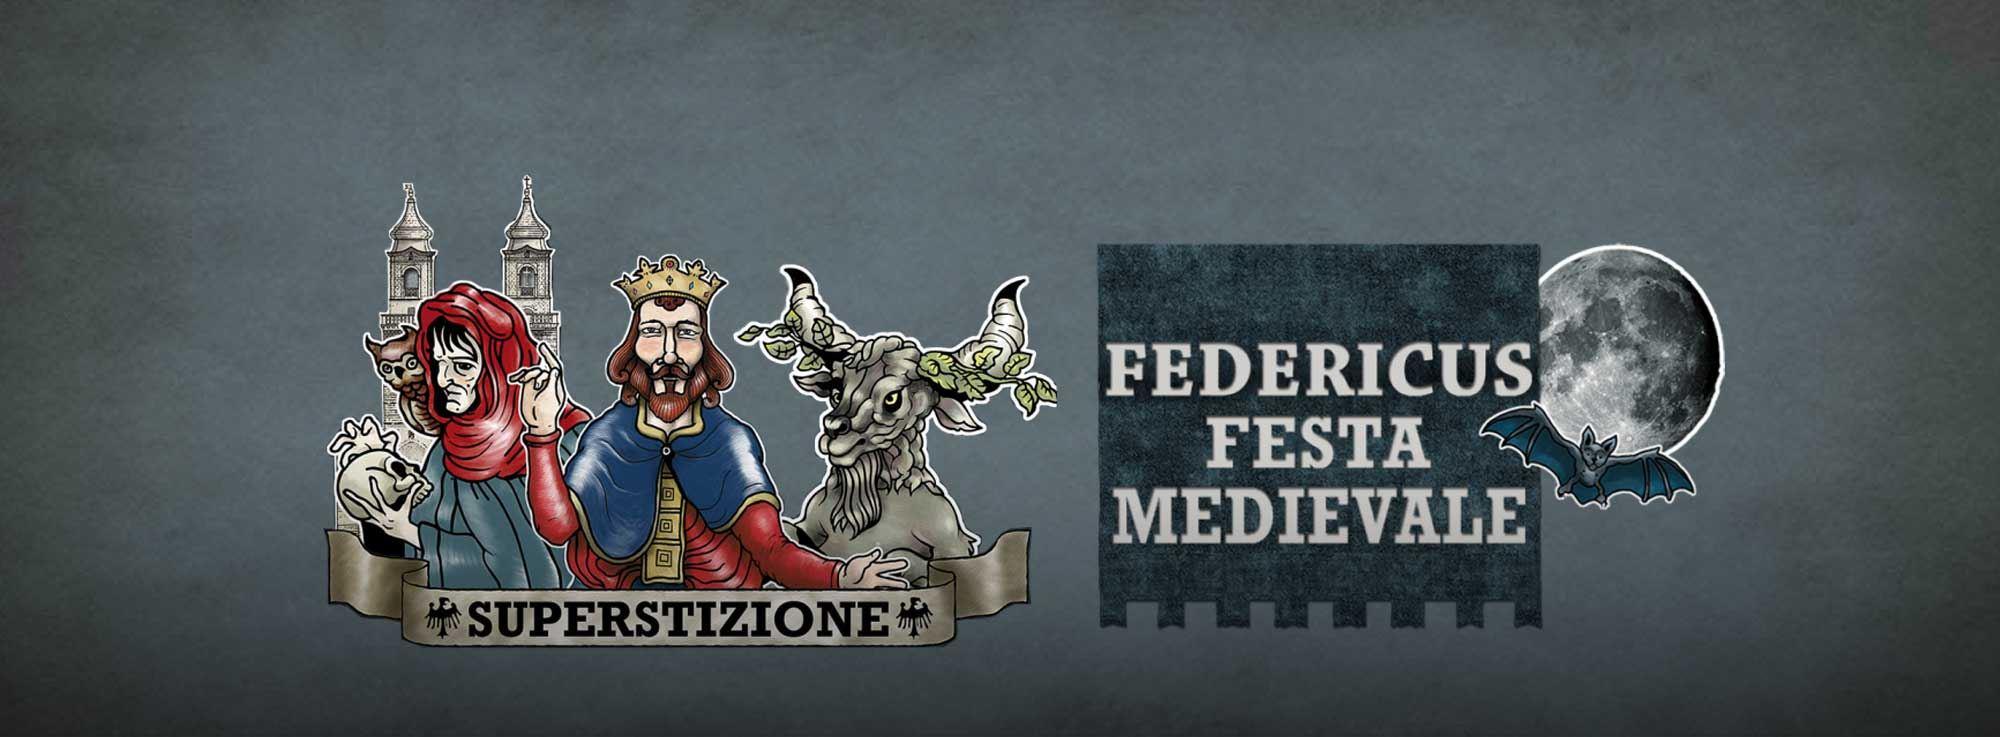 Altamura: Federicus: festa medievale